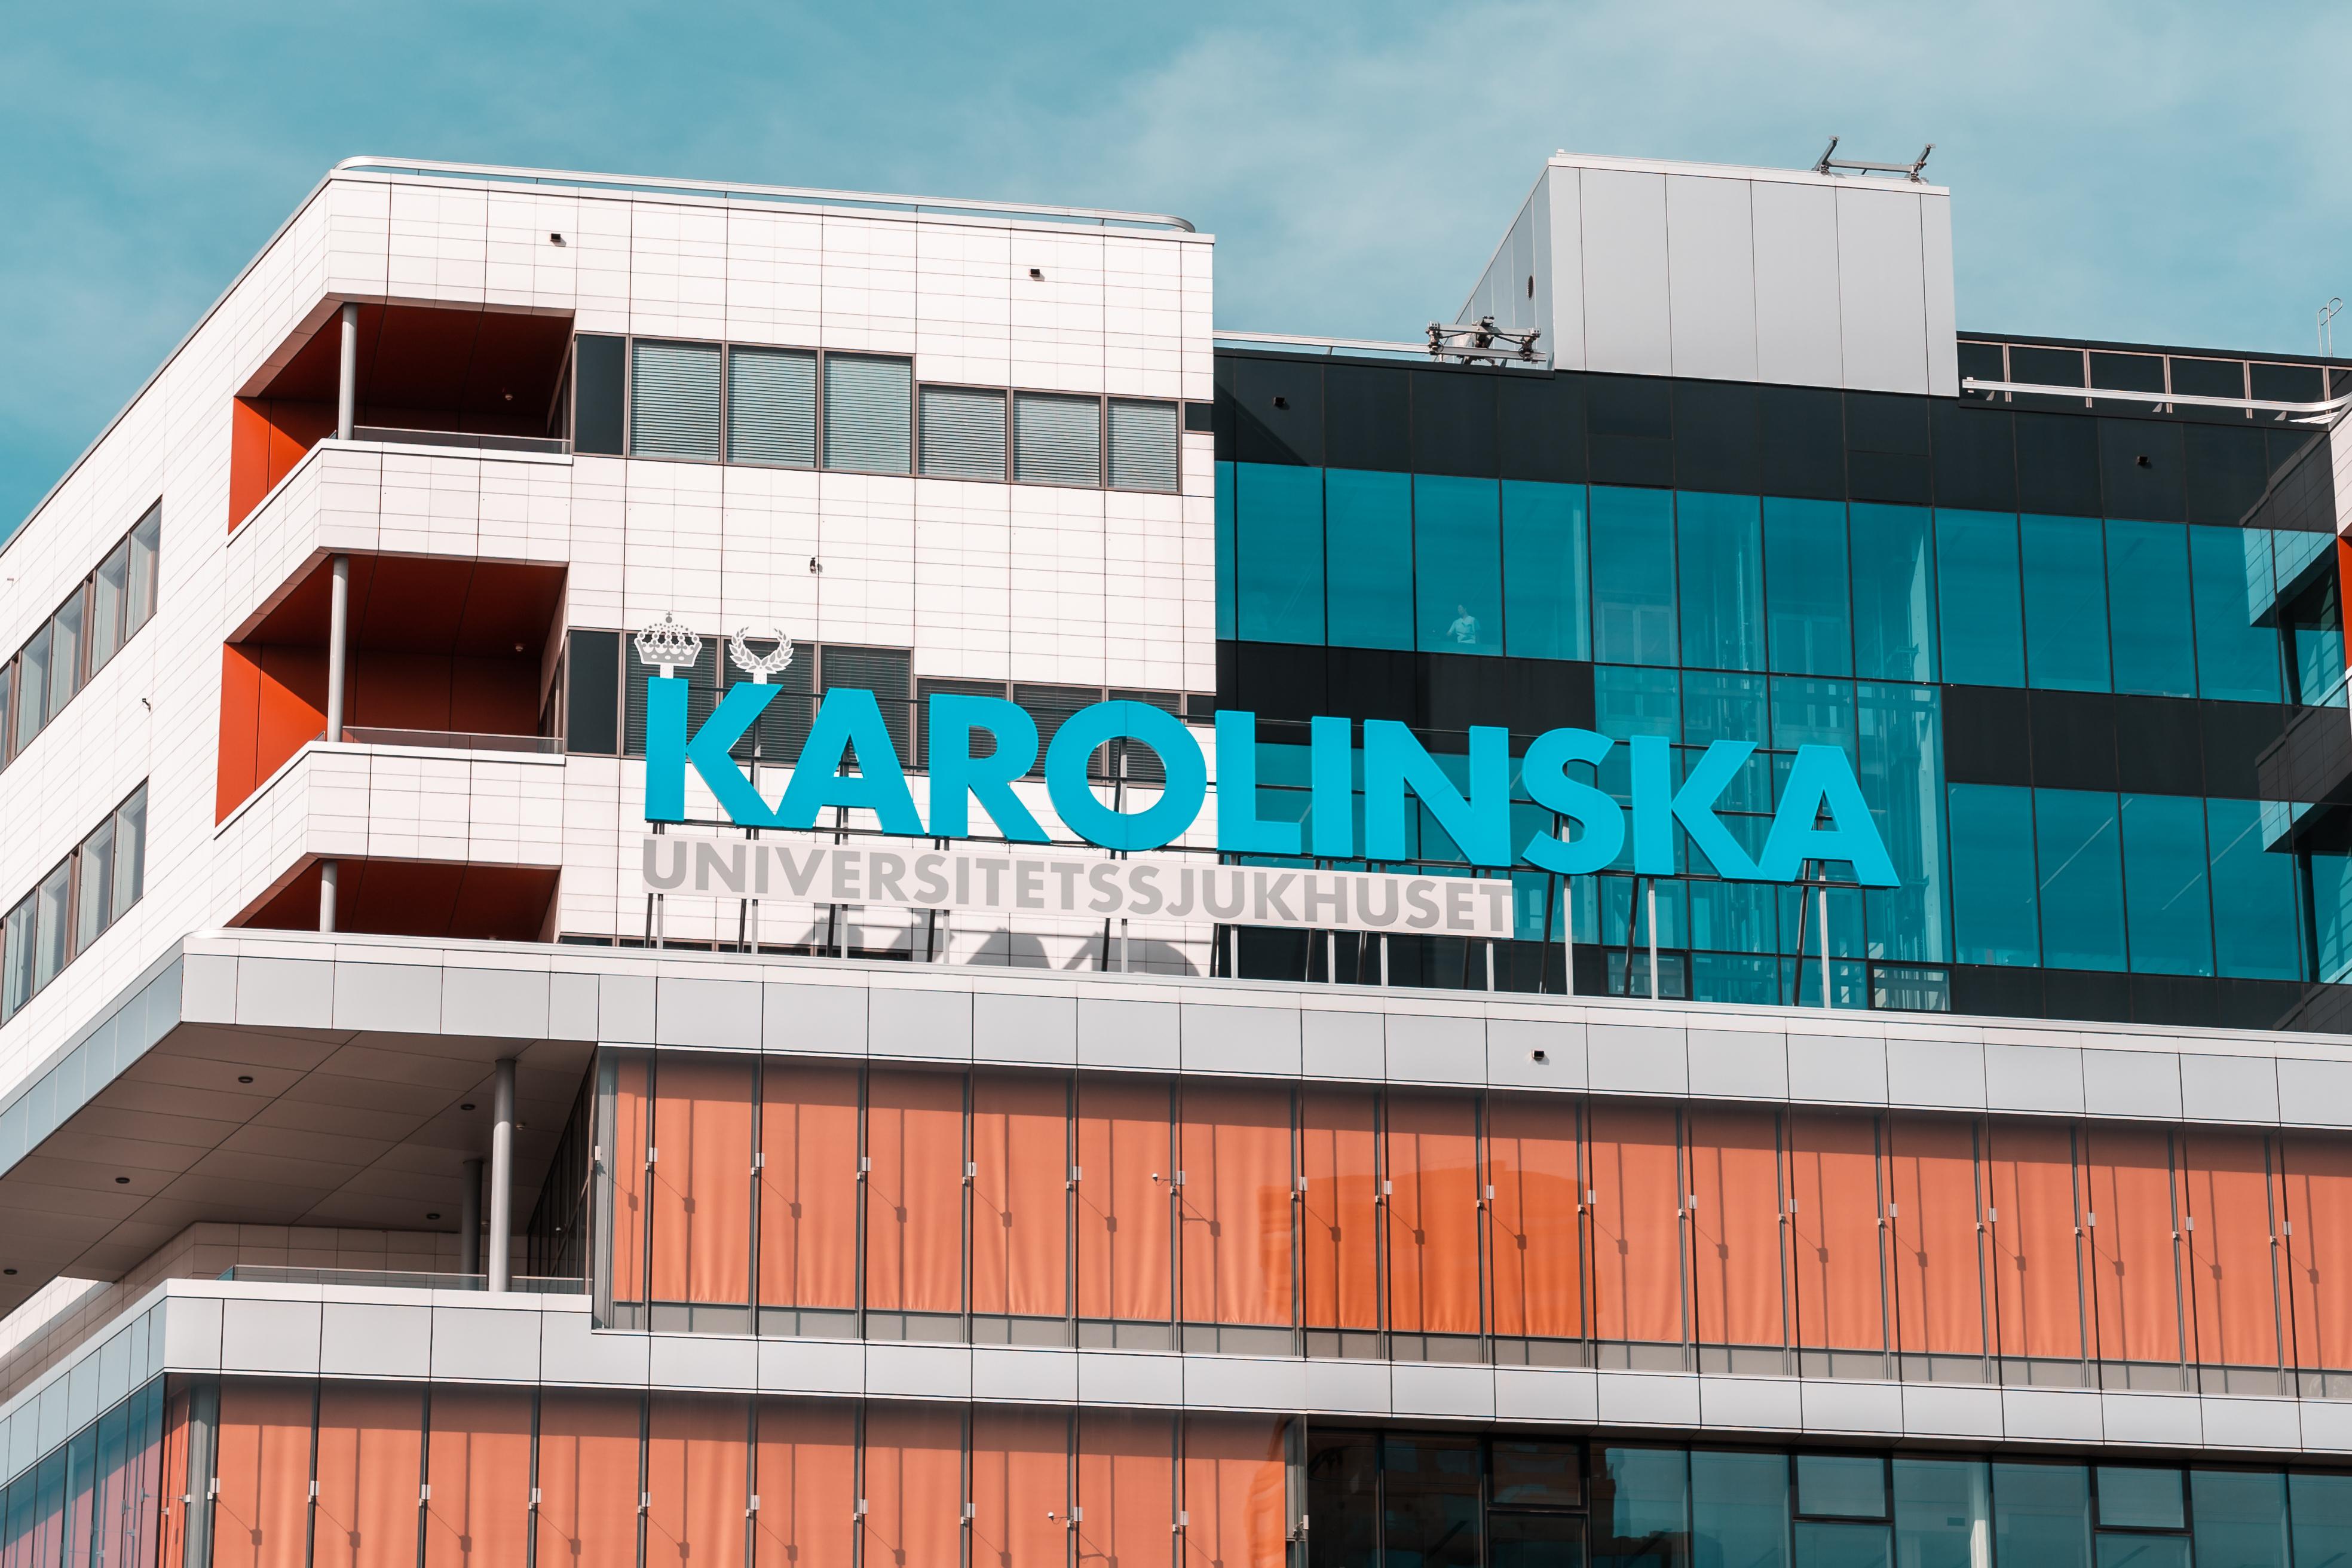 Trots senaste tidens kritiska tongångar och larm befinner sig svensk sjukvård i toppen internationellt.